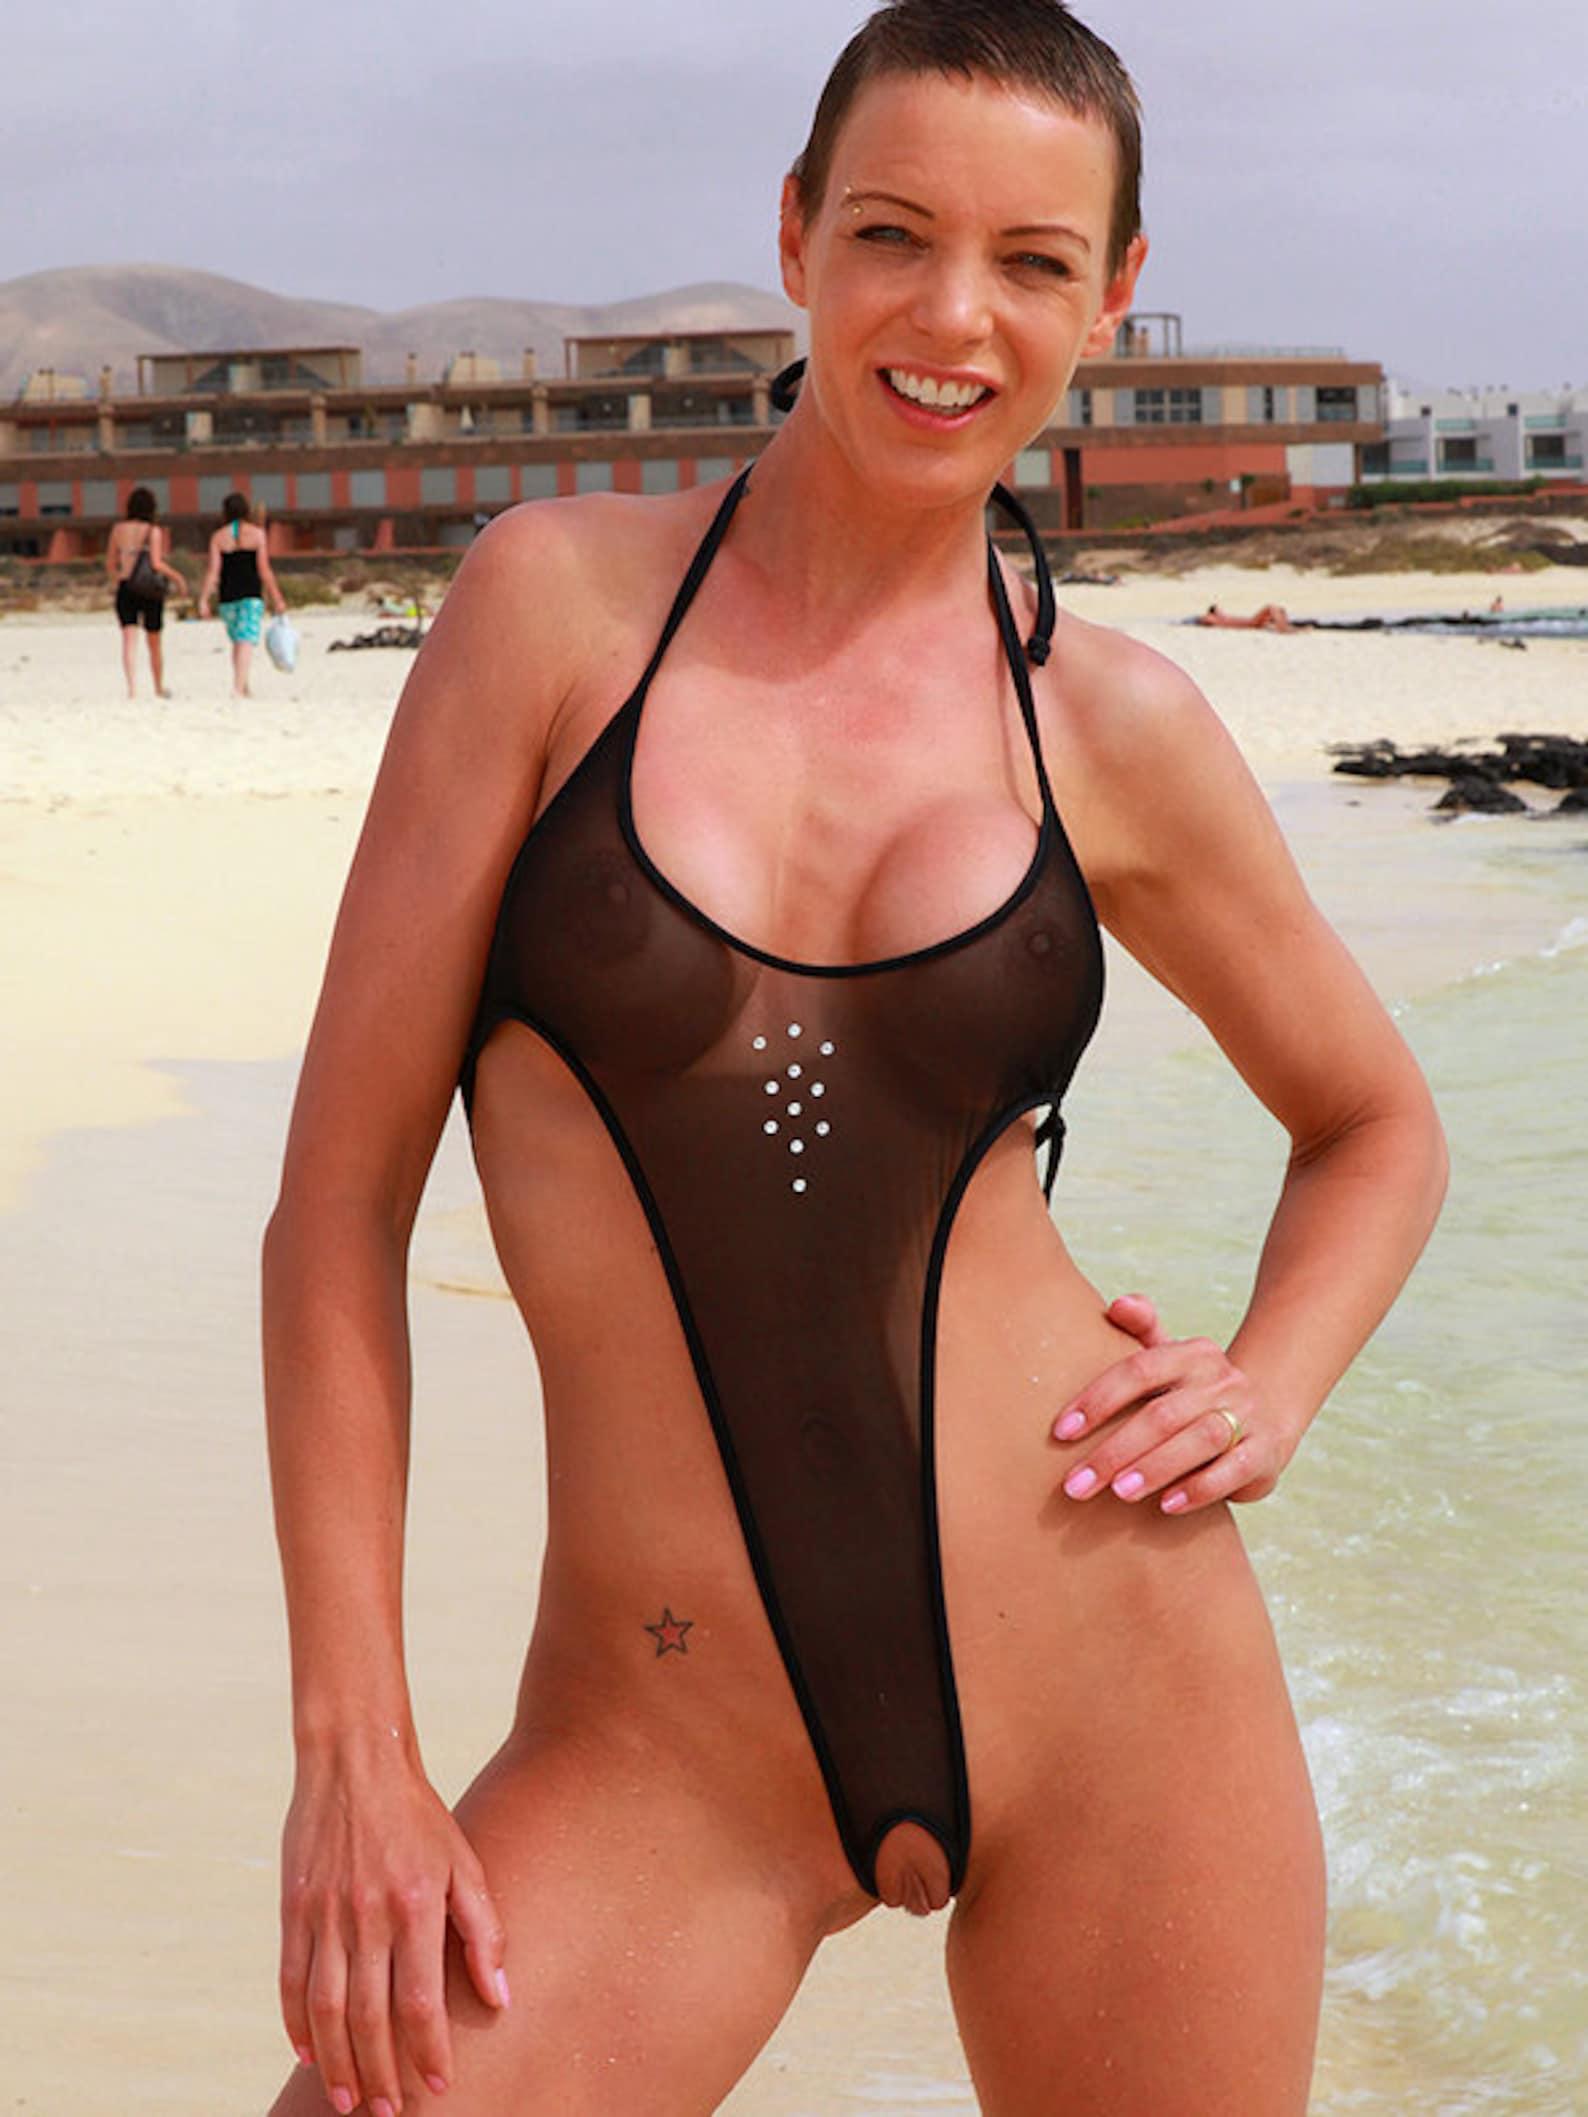 Dubio® Bikini Luscious See Through Bikini   Etsy